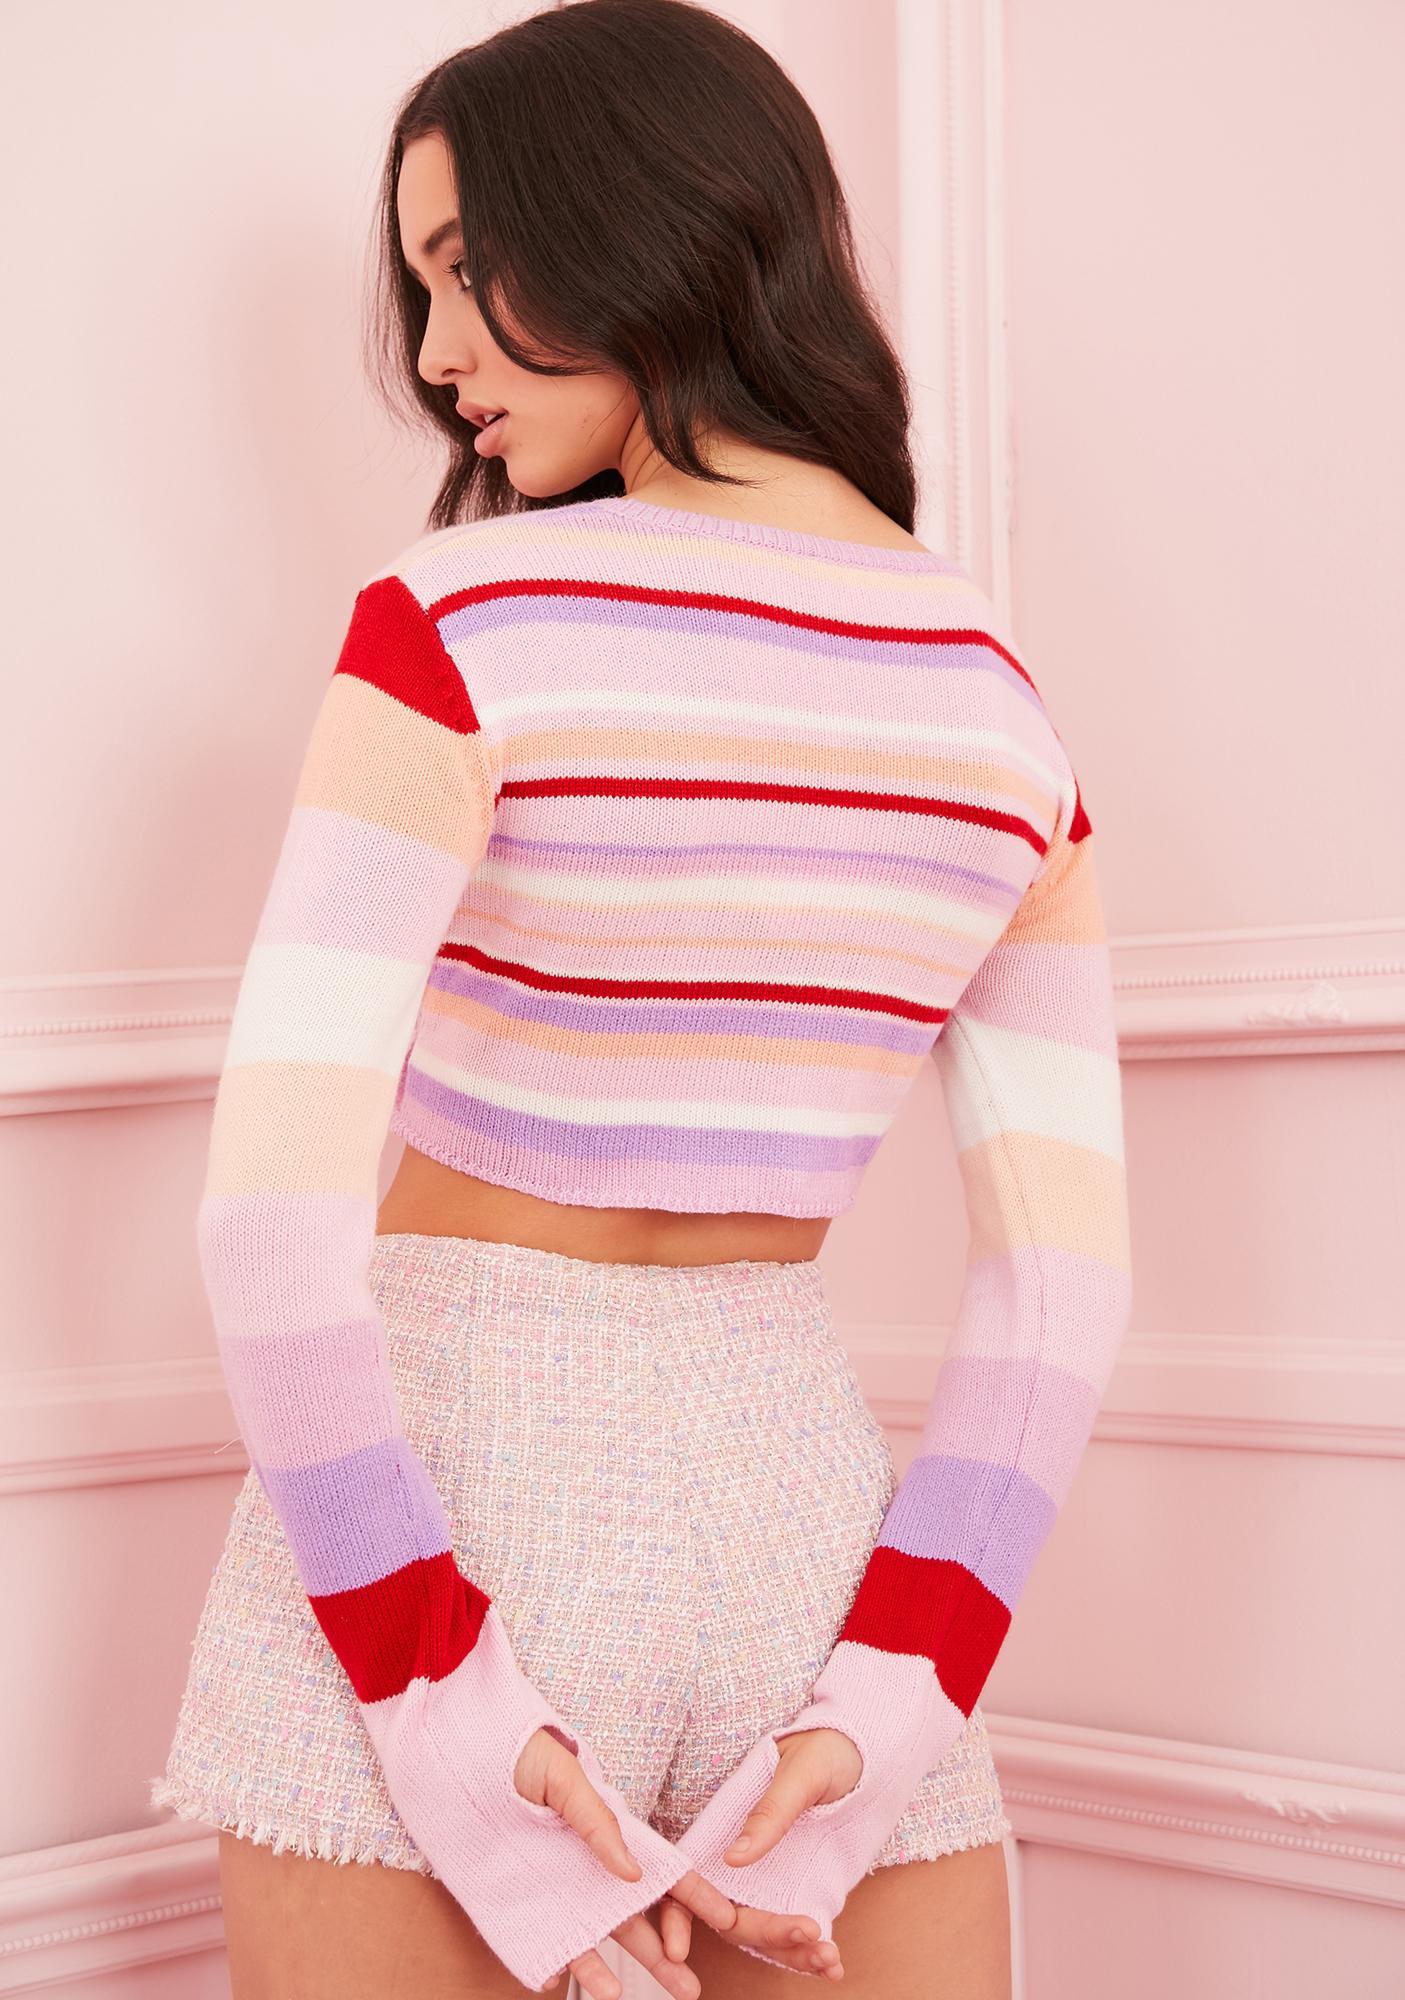 Sugar Thrillz Sadie Hawkins Striped Sweater